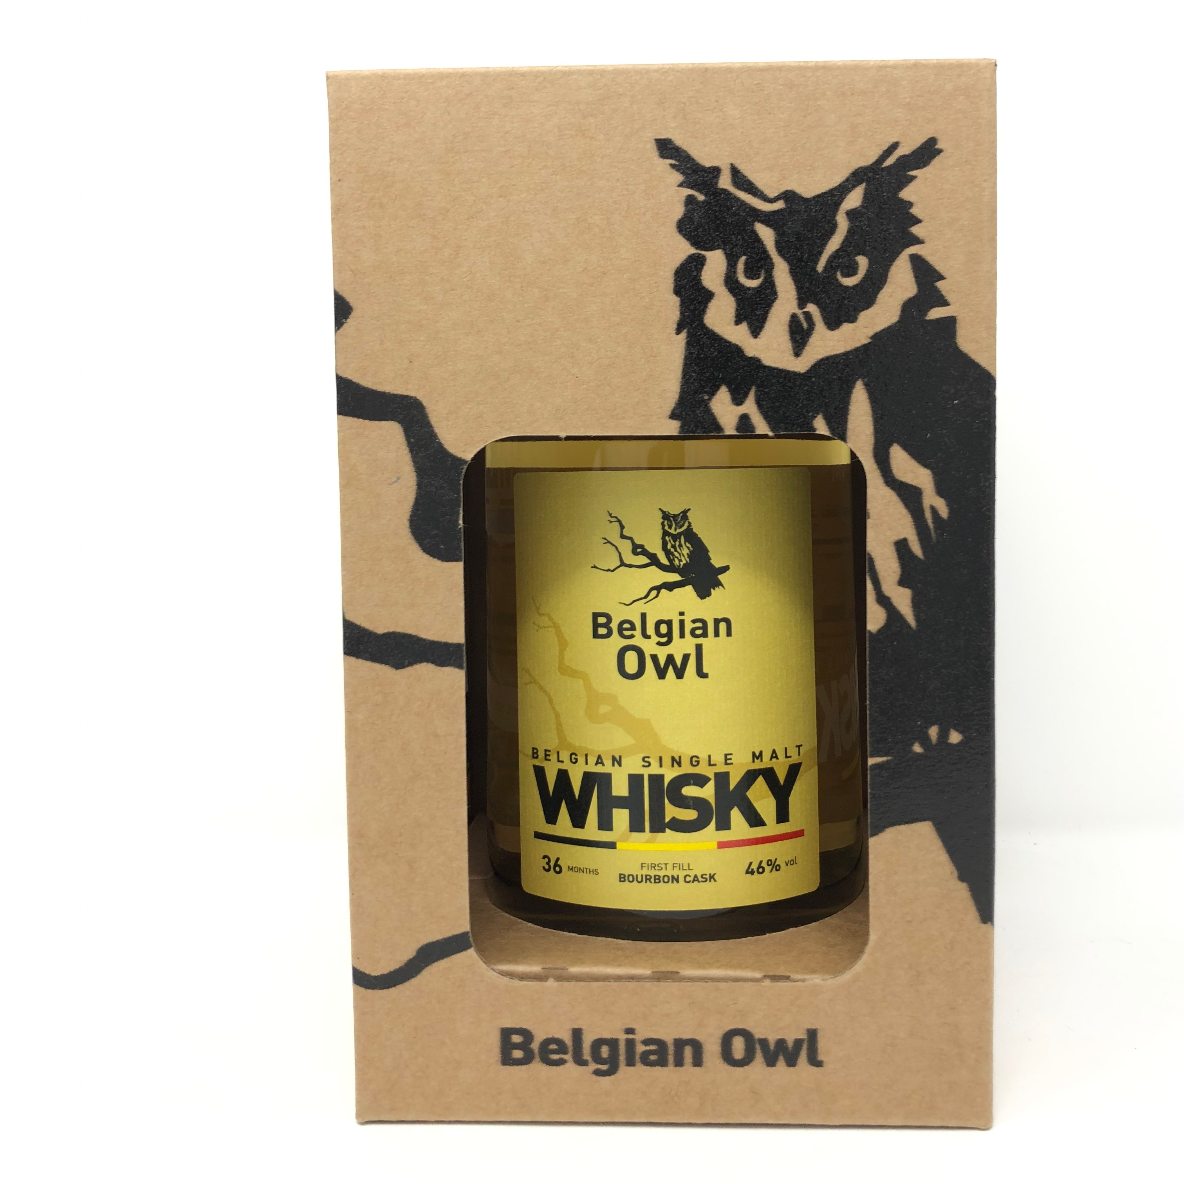 Belgian Owl Identité 50cl 46%